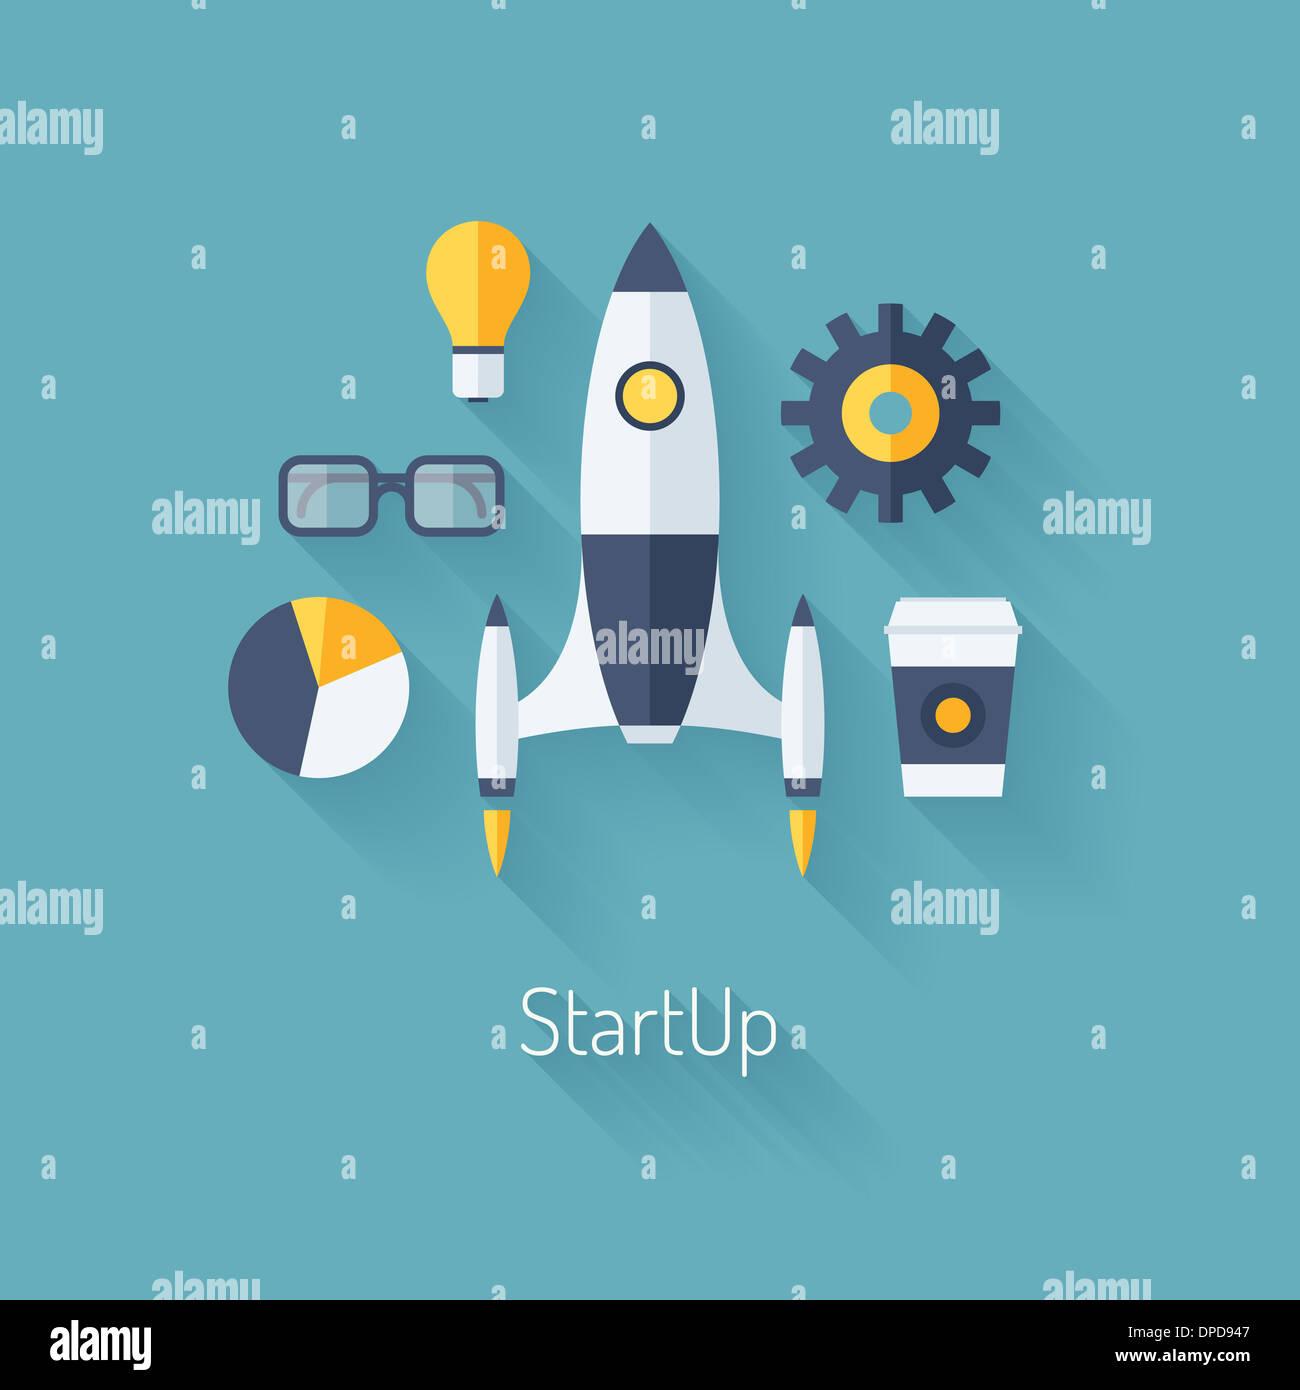 Flaches Design moderne Illustration Konzept neue Business Start Projektentwicklung und Einführung eines neuen Produkts innovation Stockbild